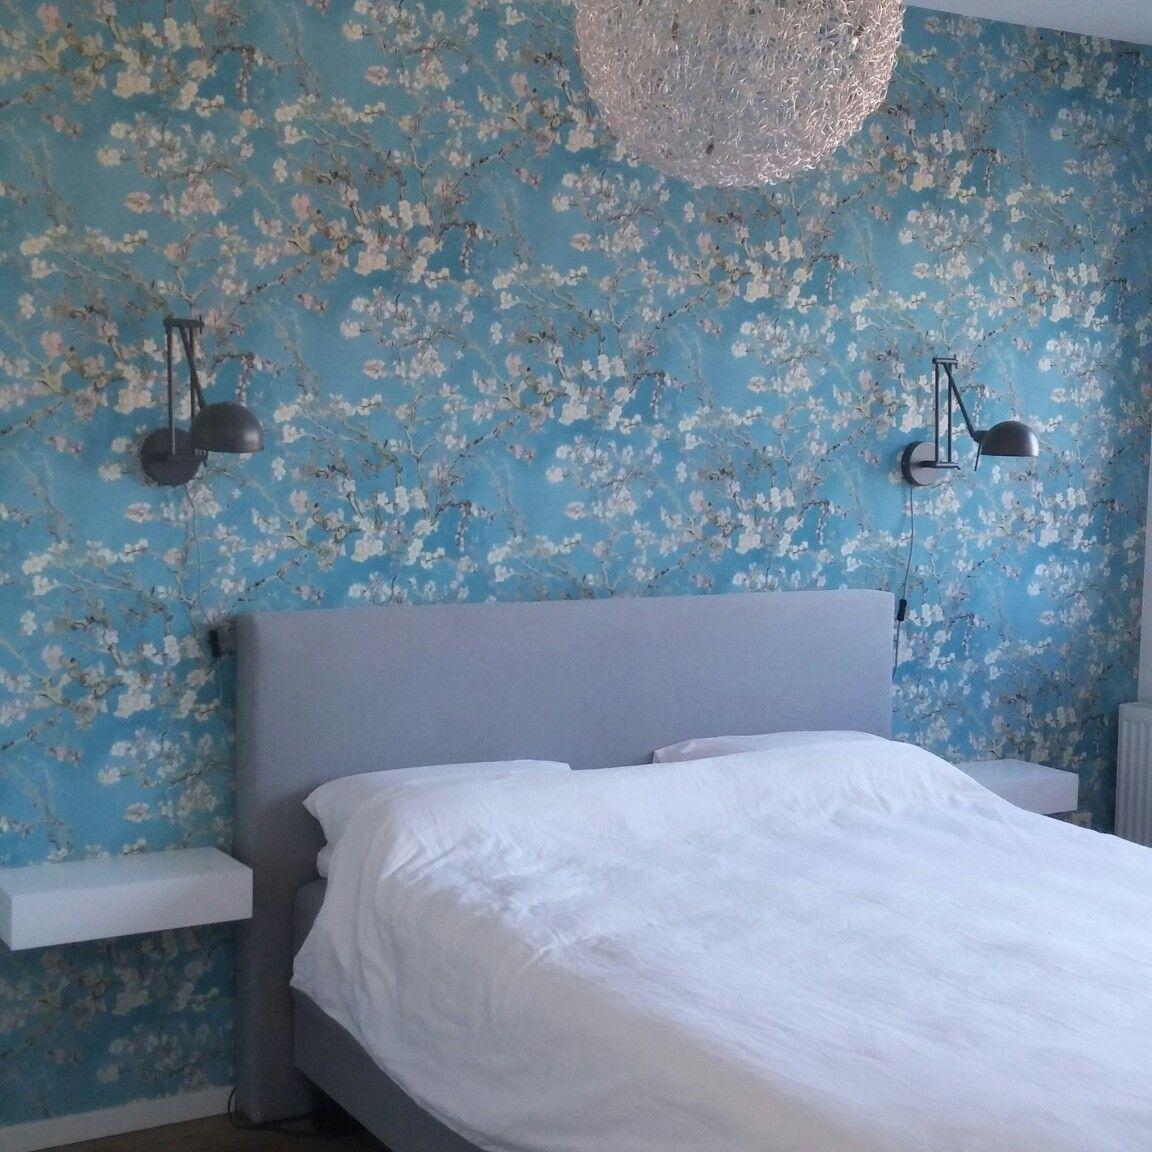 Slaapkamer; van Gogh behang Amandelbloesem | Ons huis | Pinterest